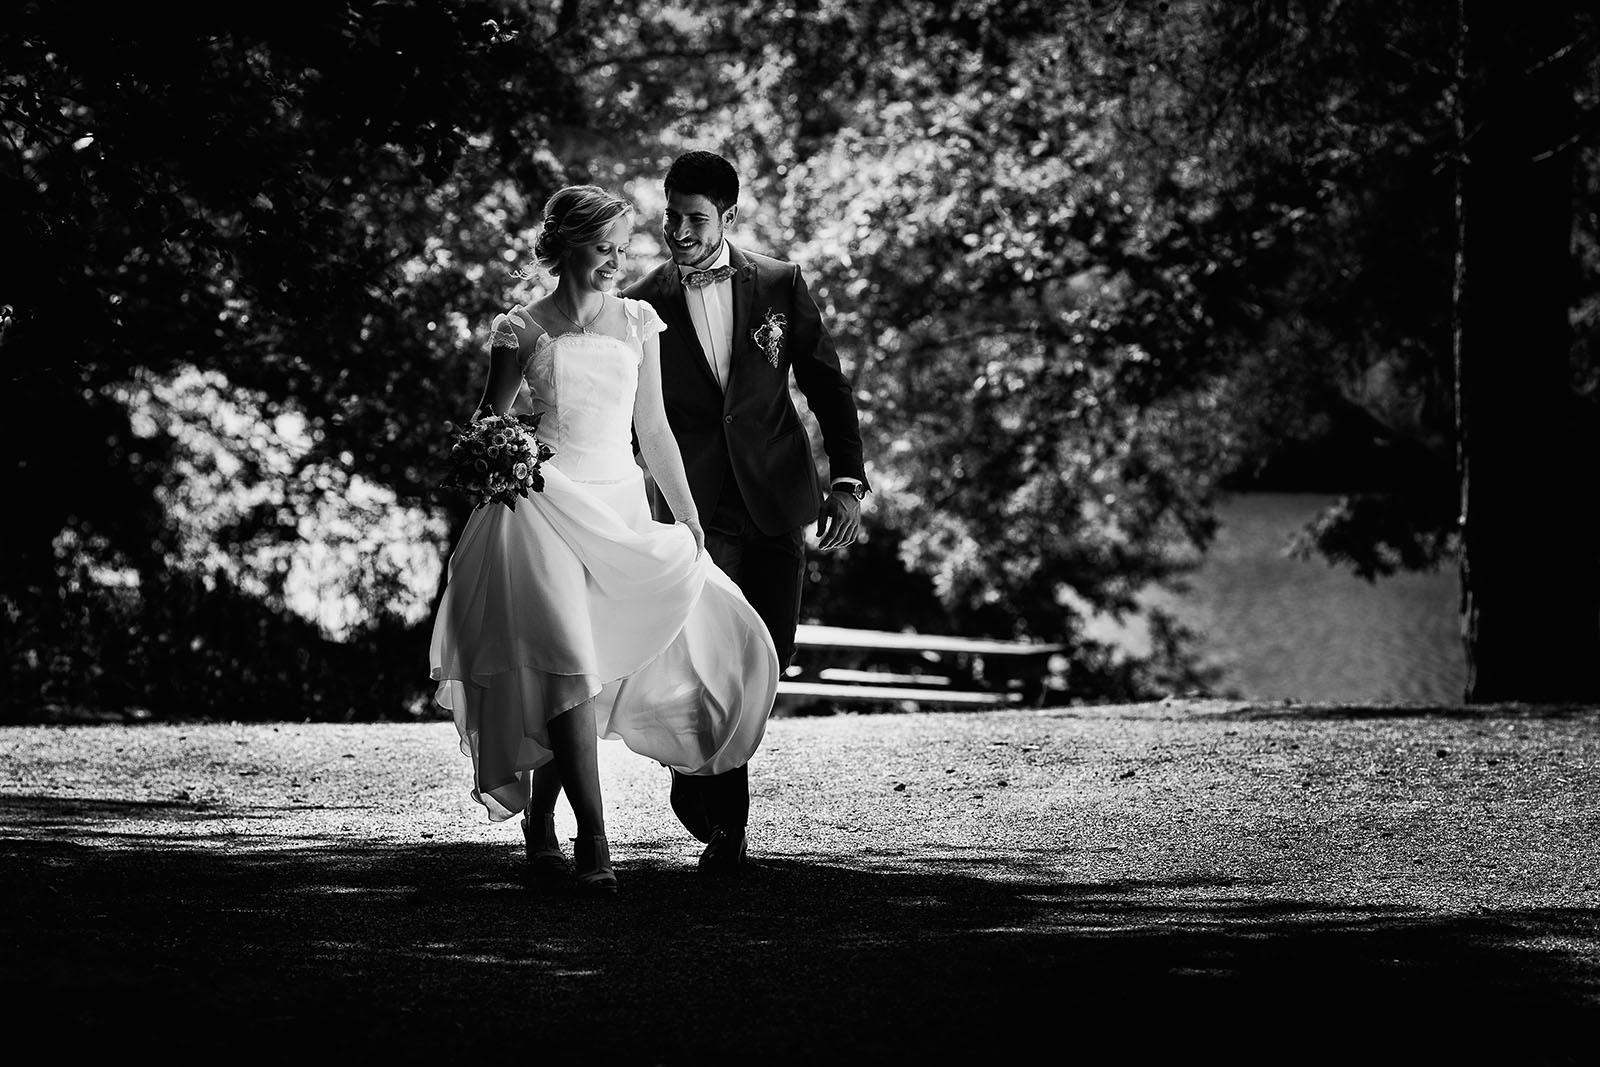 Meilleures photographies de mariage du photographe de mariage David Pommier. Moulins allier. Photographe de mariage vieux melay moulins neuvy